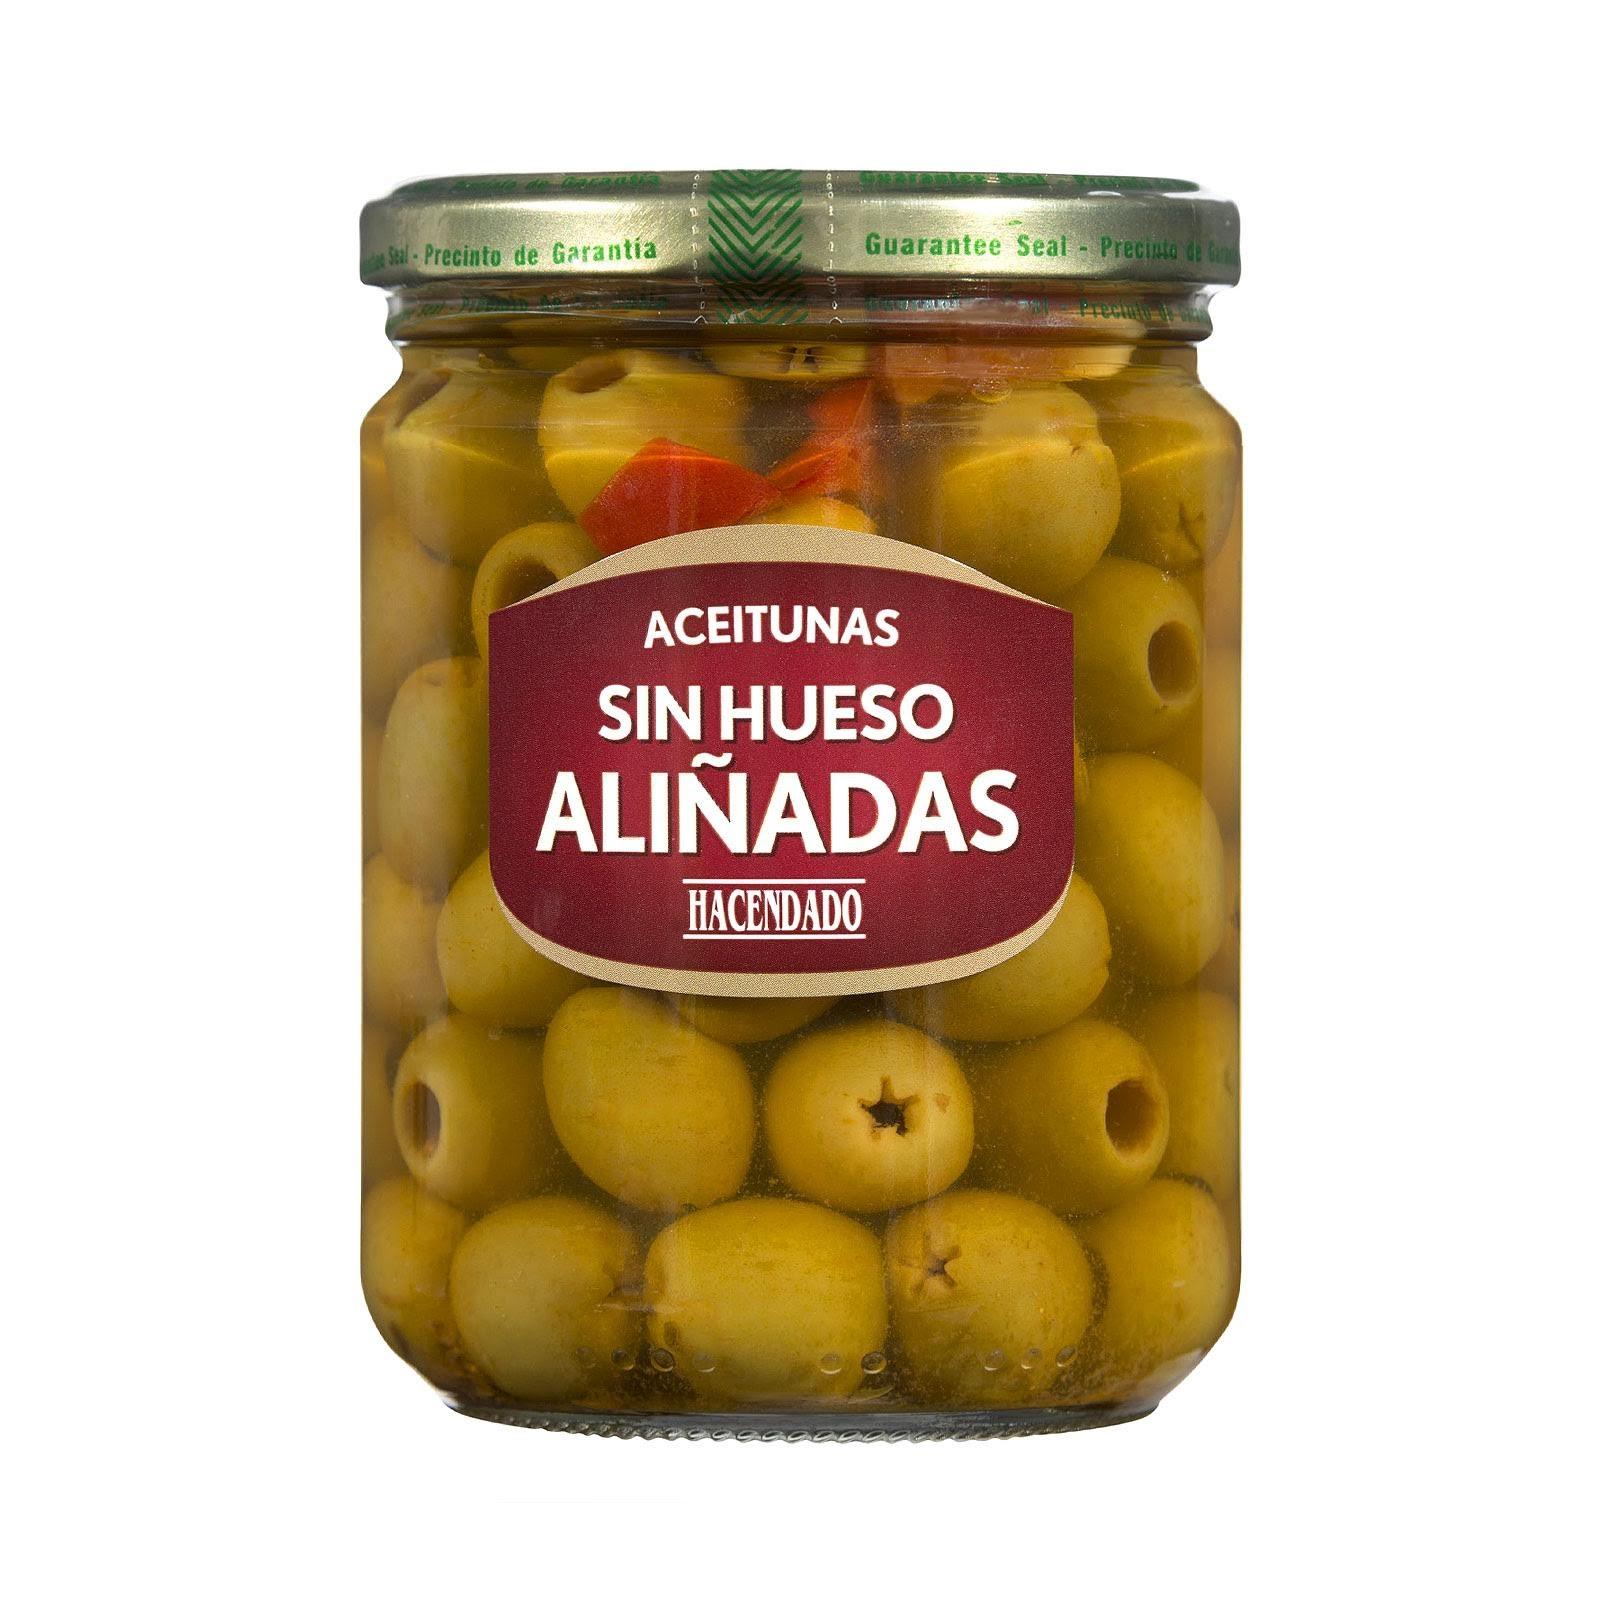 Aceitunas verdes manzanilla sin hueso aliñadas Hacendado